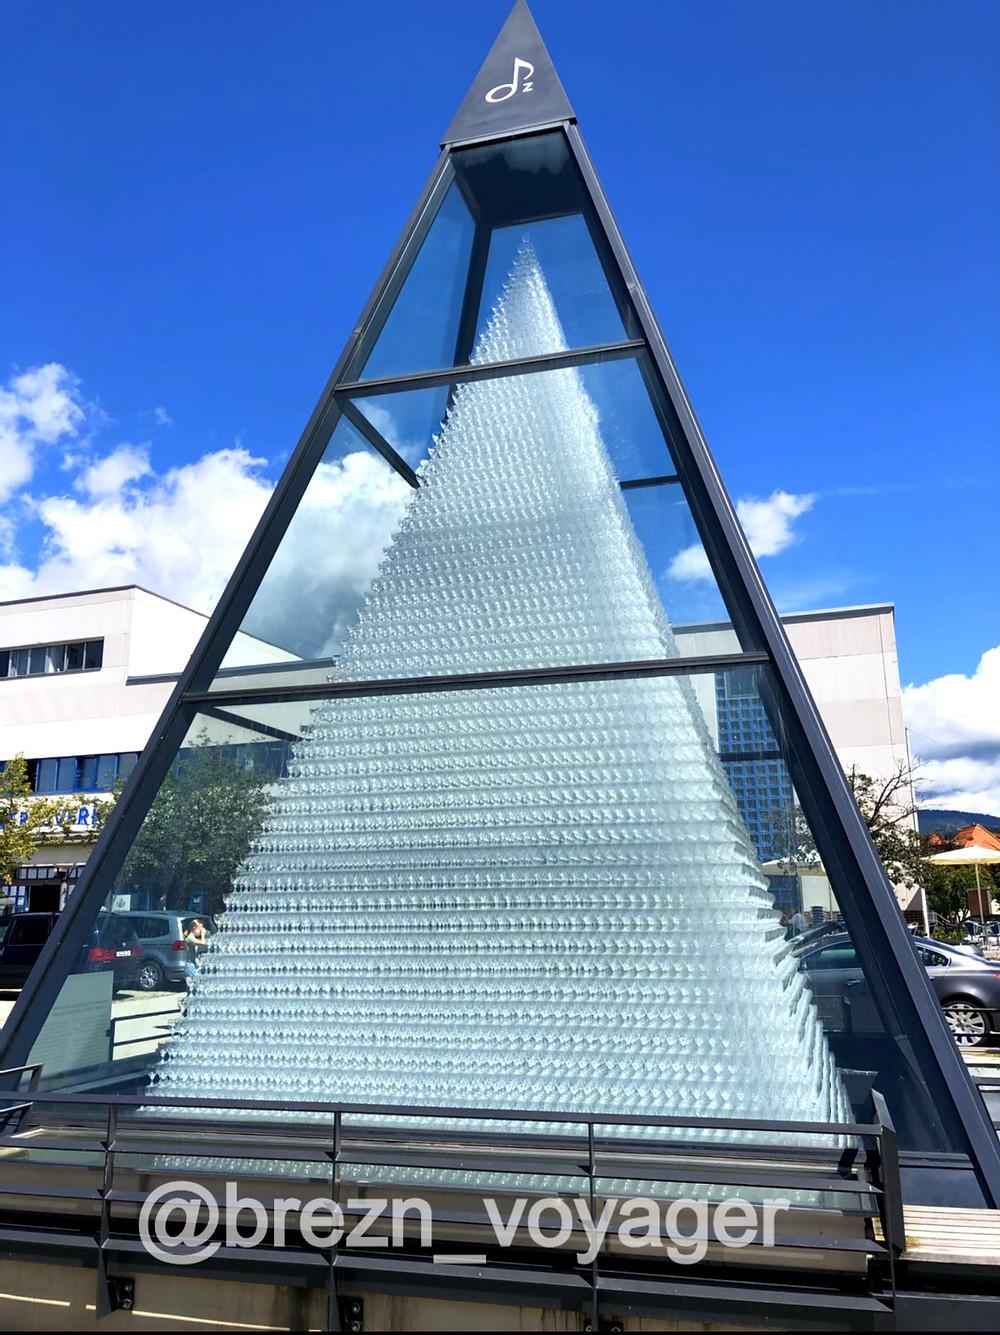 Höchste Glaspyramide der Welt. Sie besteht aus knapp 100.000 Gläsern und wurde in Handarbeit aufgestellt.